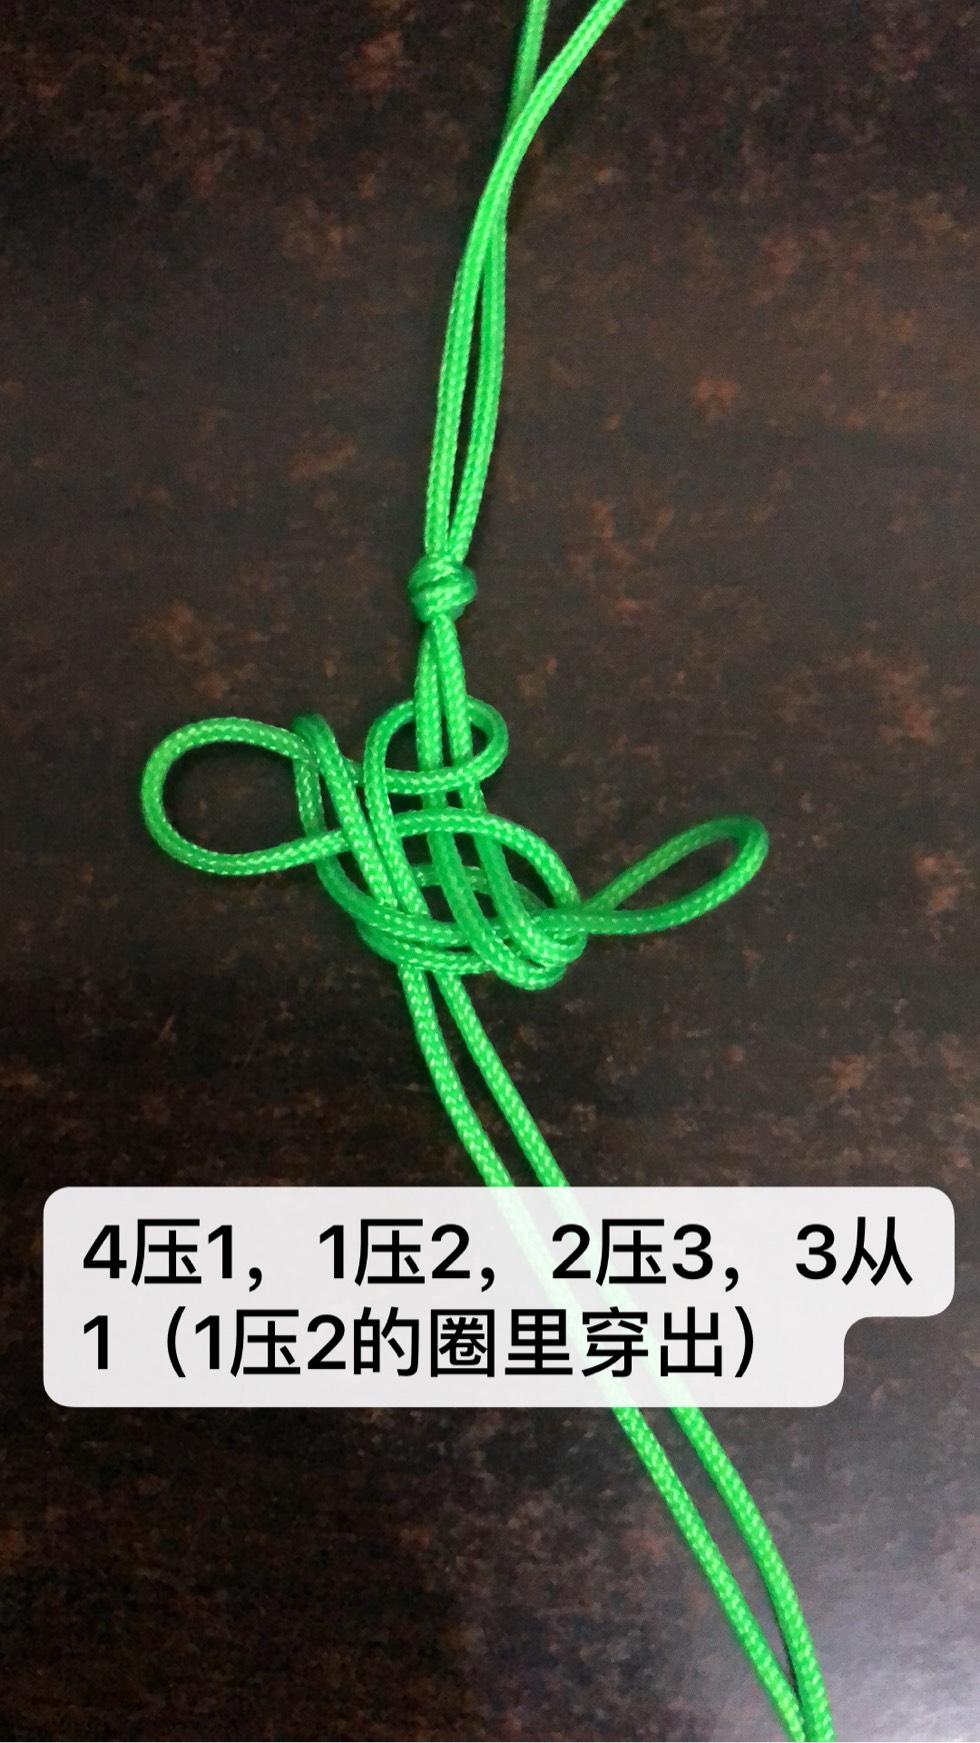 中国结论坛 这个是叫吉祥结么?  图文教程区 175817v92klea2fpp25pc3